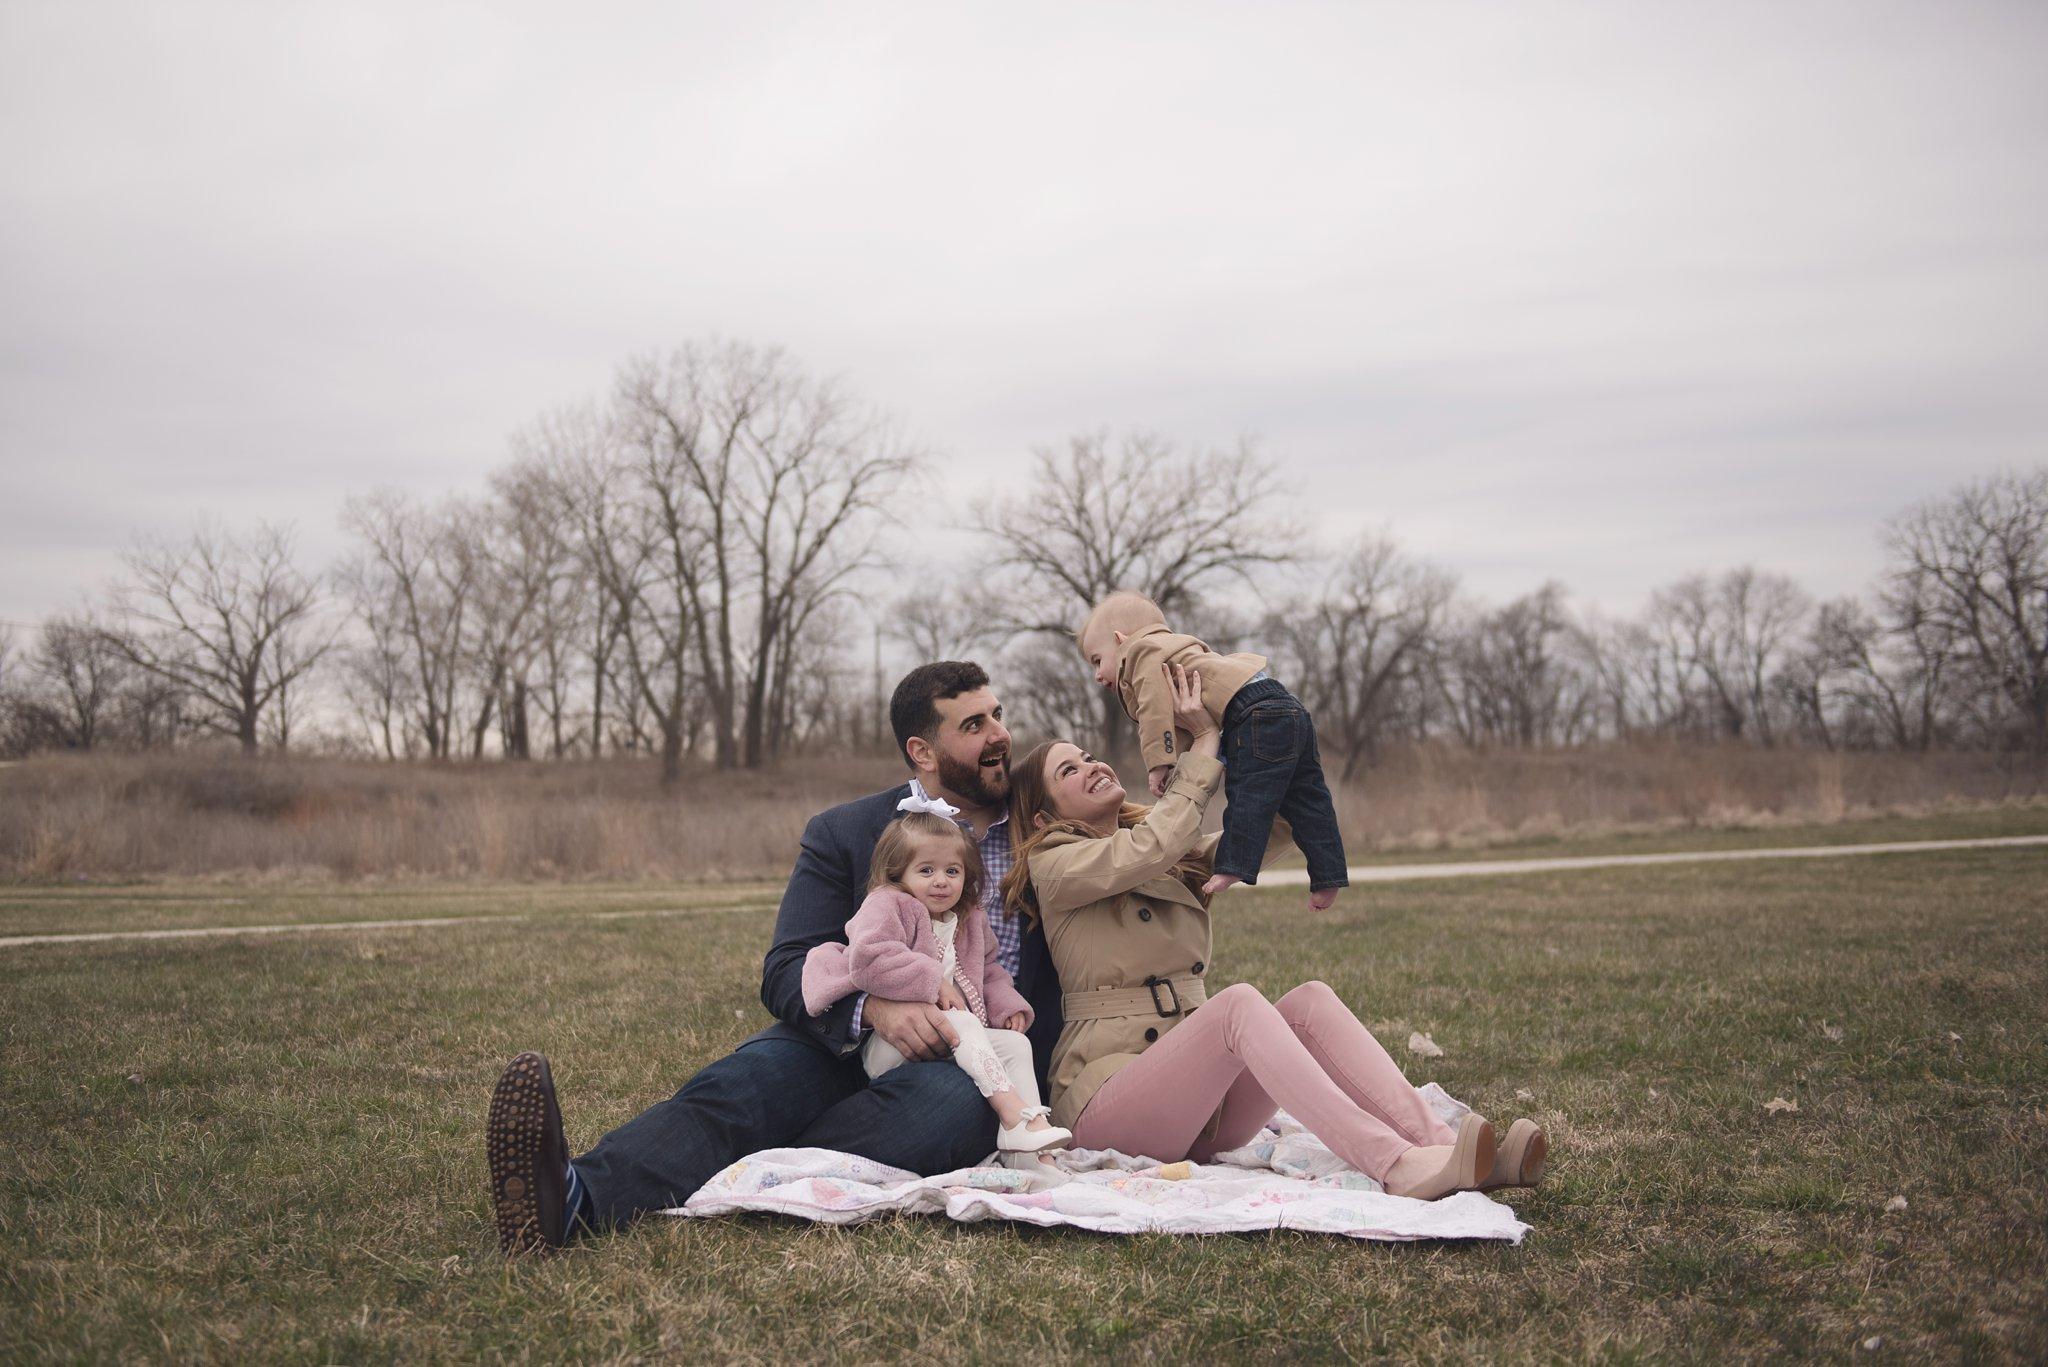 columbusohio-familyphotography-jacquelinemariephotography_0020.jpg